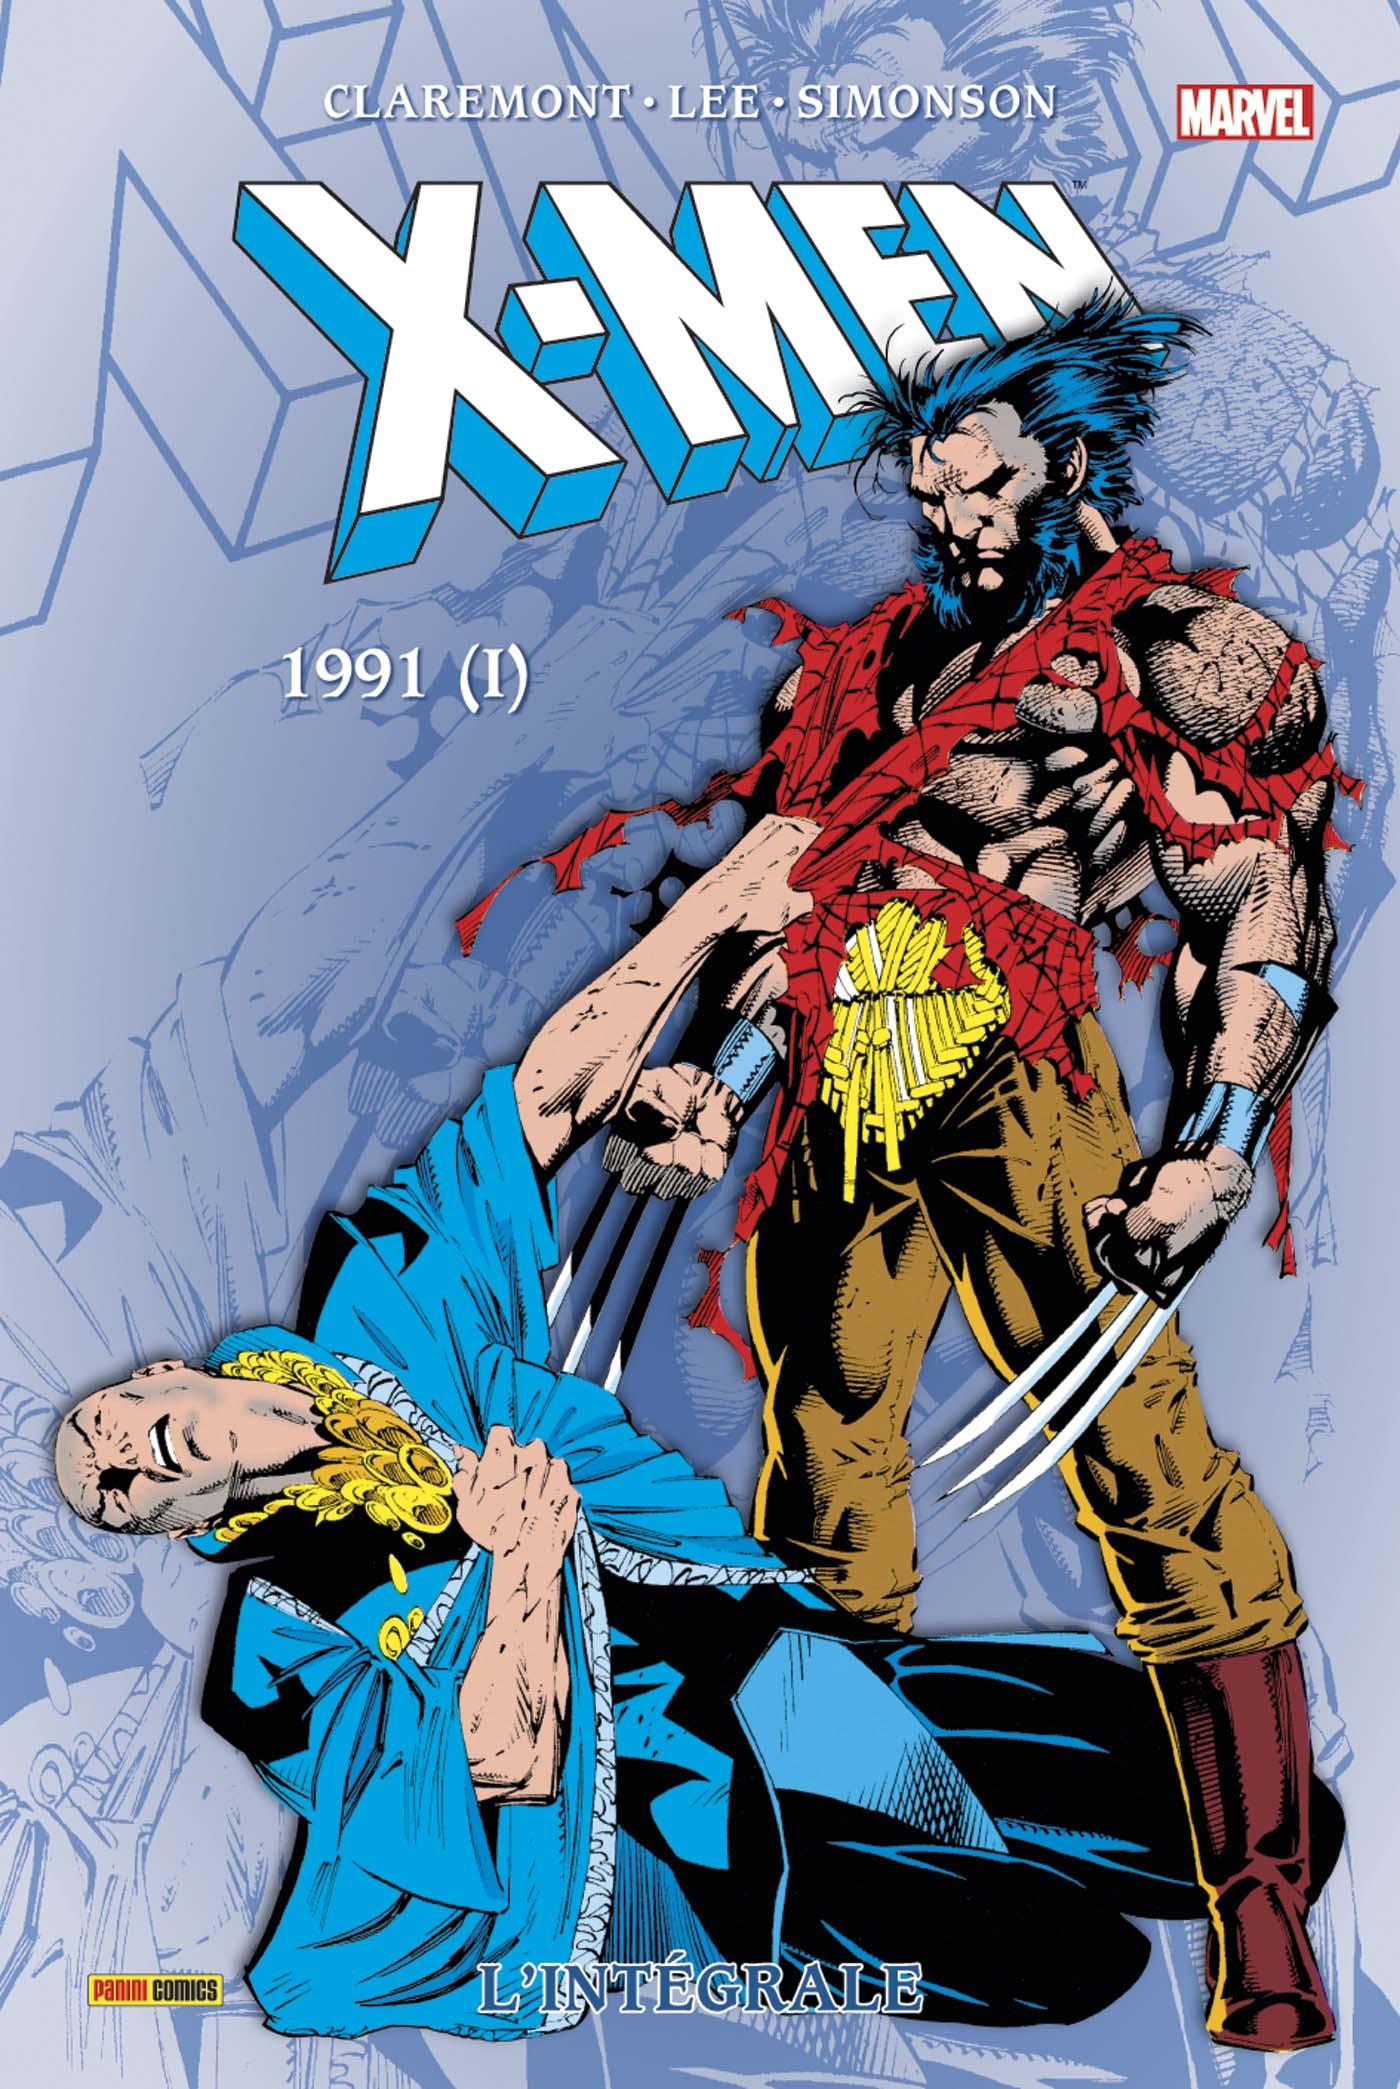 X-Men 1991.1 - 1991 (I)